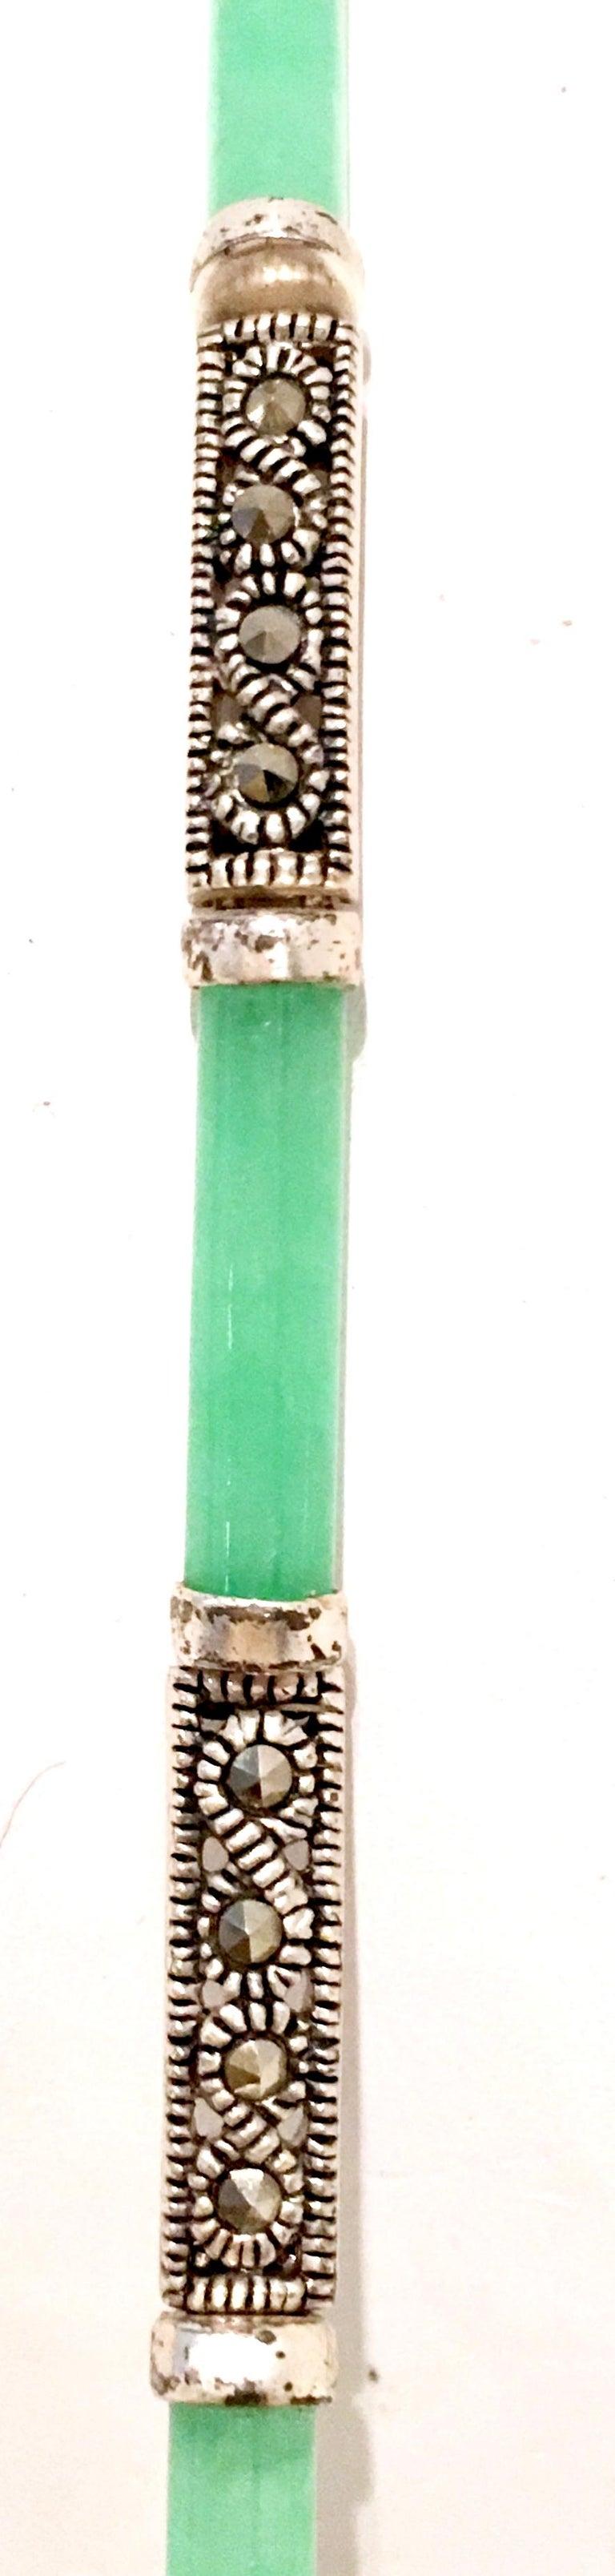 20th Century 925 Sterling Jadeite & Marcasite Link Bracelet For Sale 4